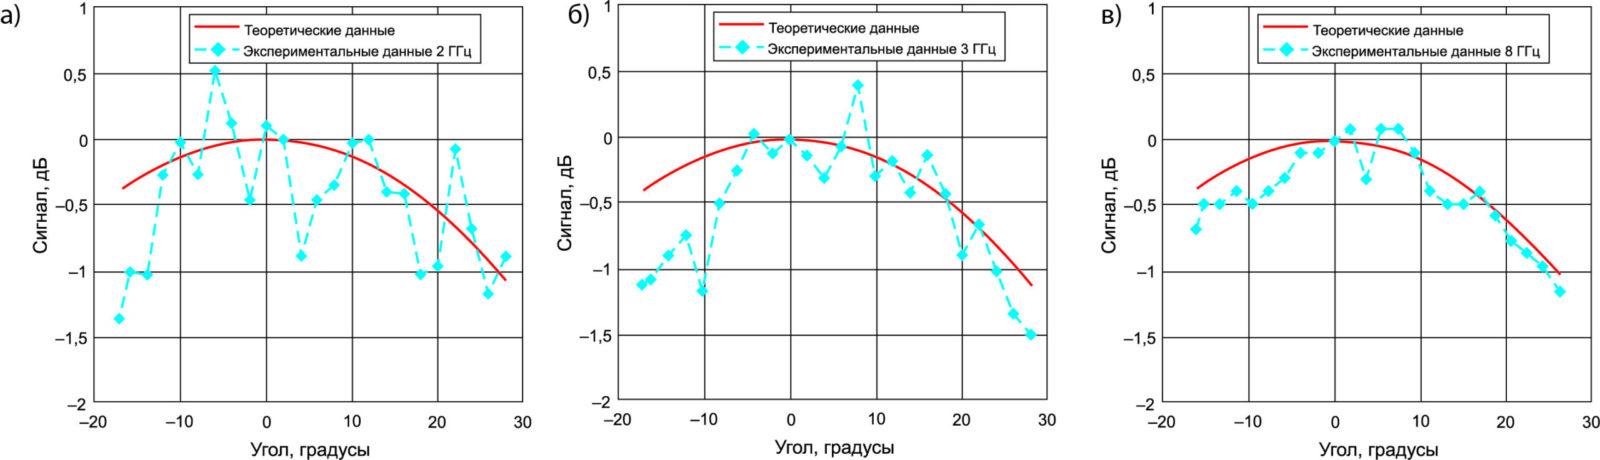 Сравнение экспериментальных данных с расчетными